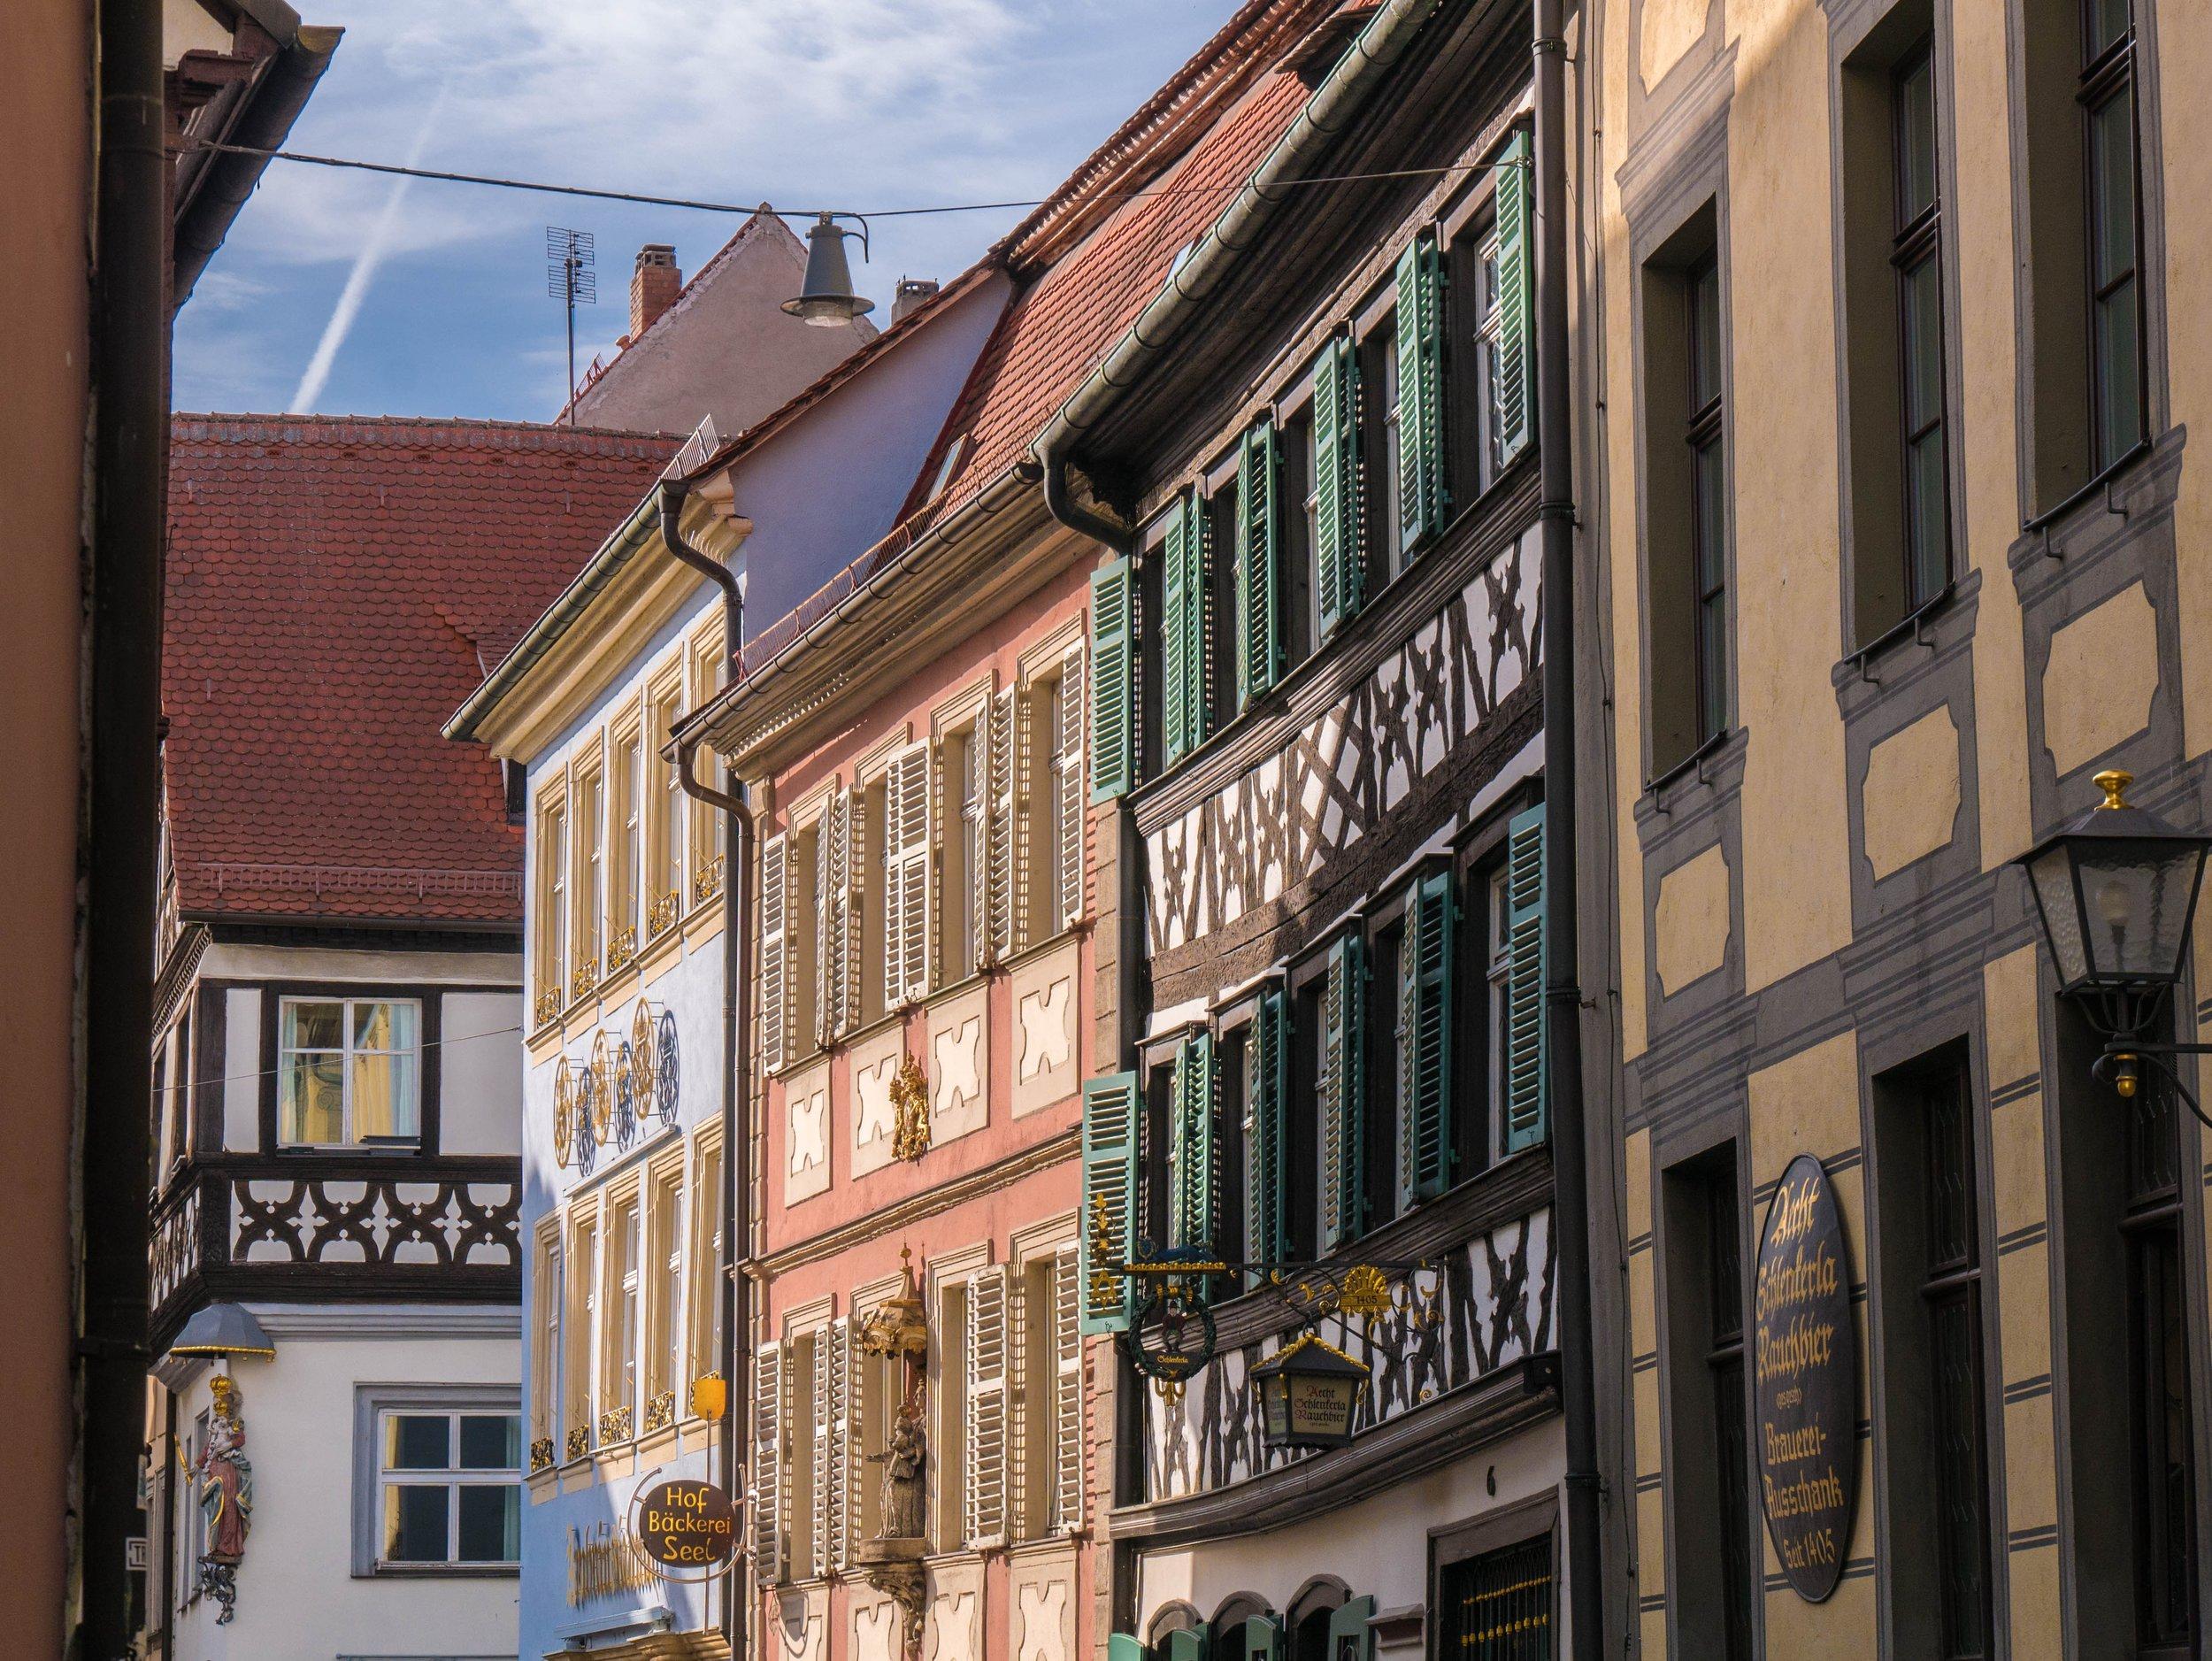 Bamberger Altstadt mit ihren kleinen Gässchen.